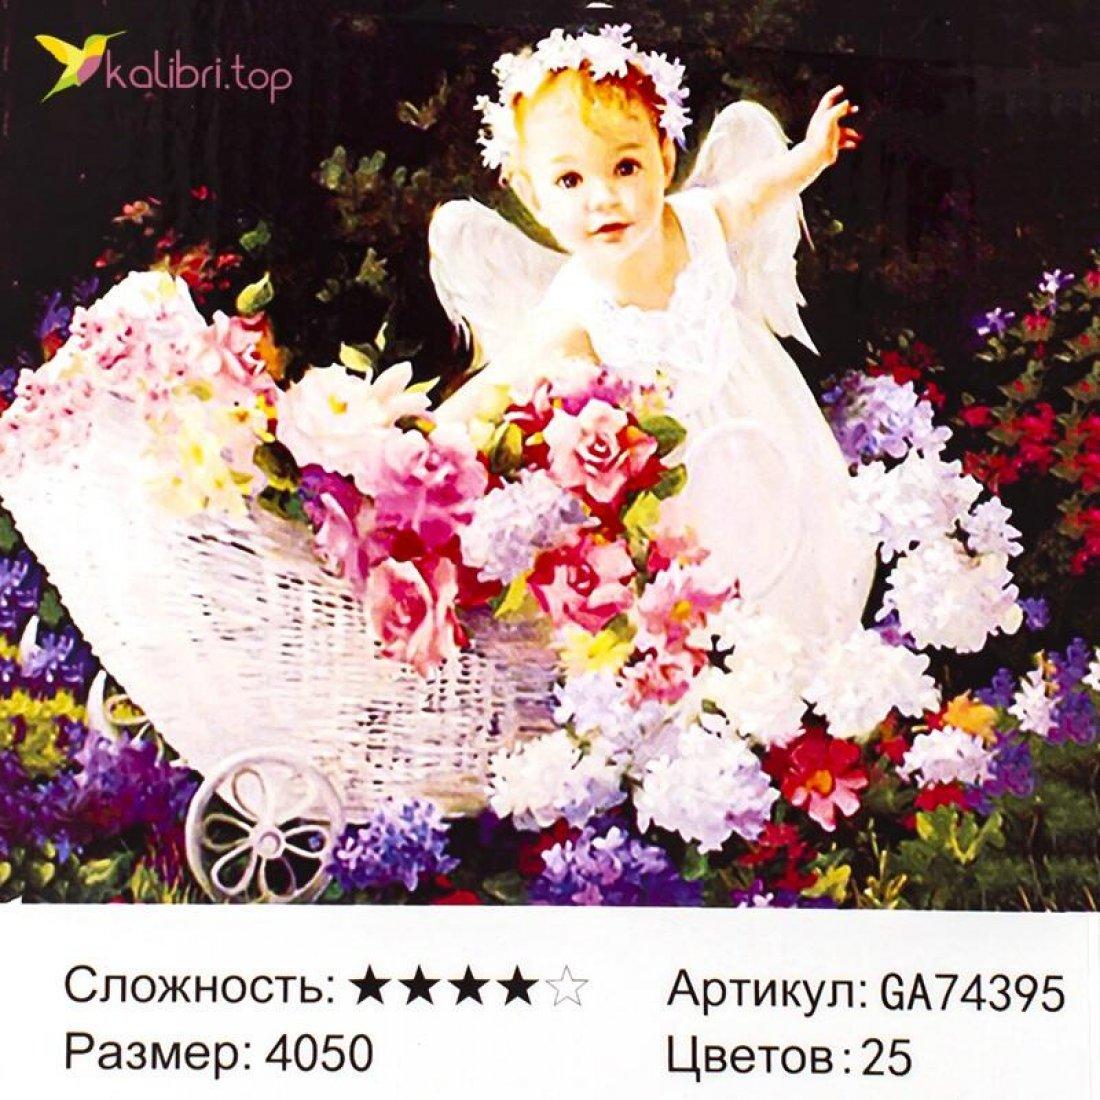 Алмазная мозаика по номерам Ангелочек и Цветы 40*50 см оптом фото 6